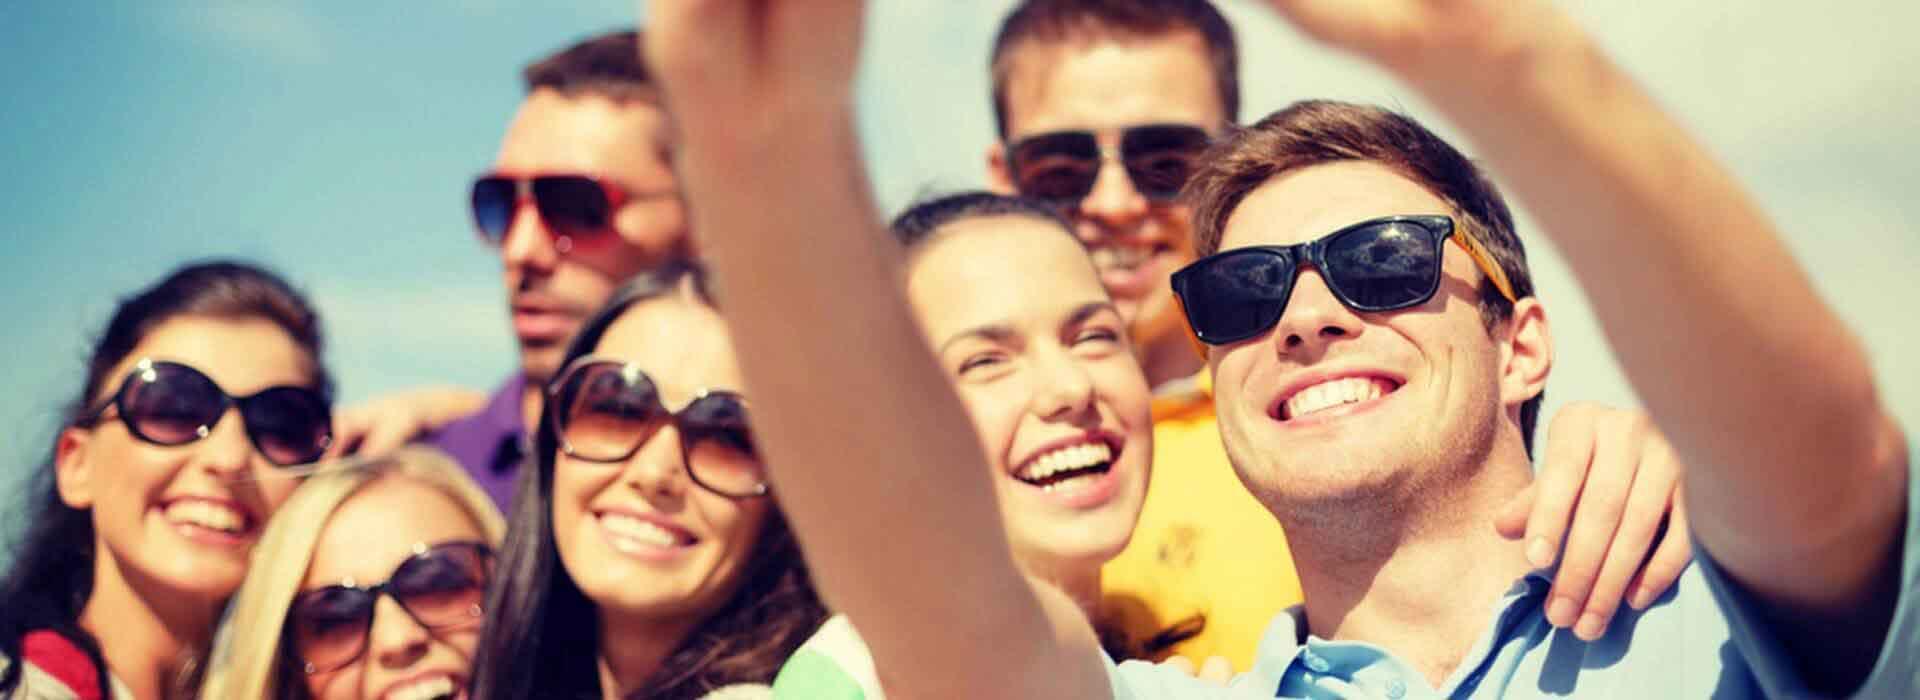 Albergues da Juventude, Hostels, Apartamentos, Quartos de Hotel, Pousadas, Pensões... Mais de 30000!!